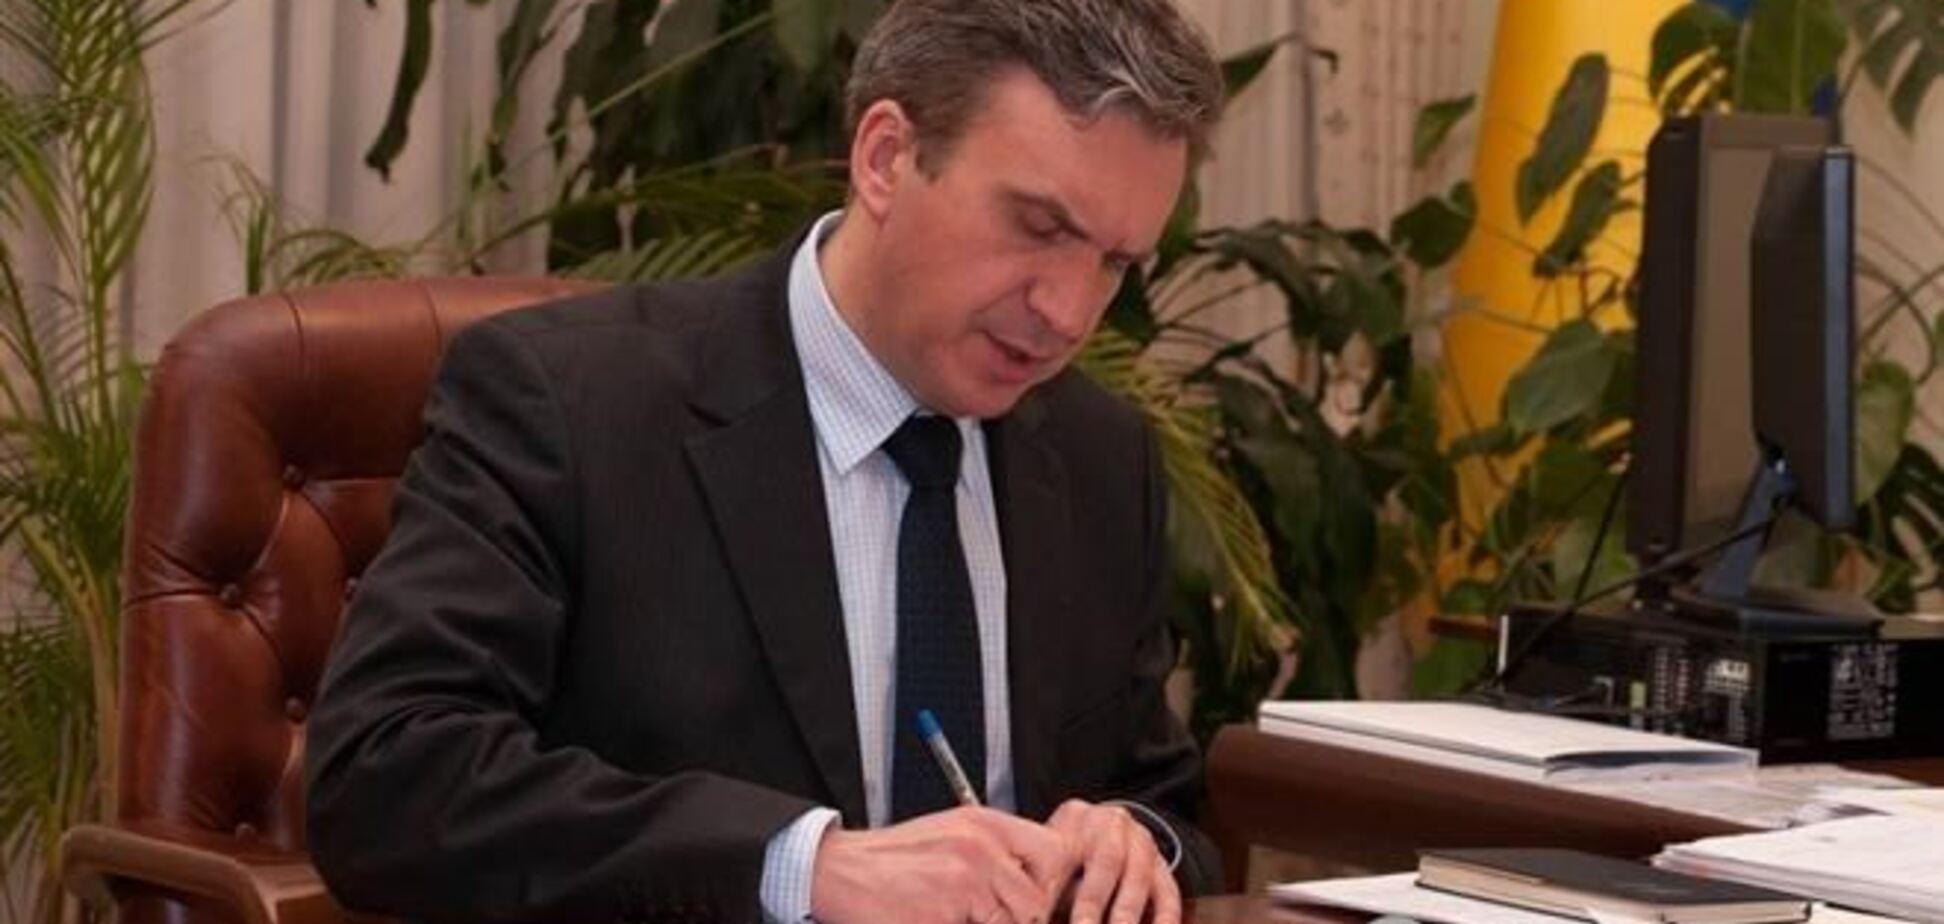 Міністр економіки Павло Шеремета: Загроза дефолту вже знята